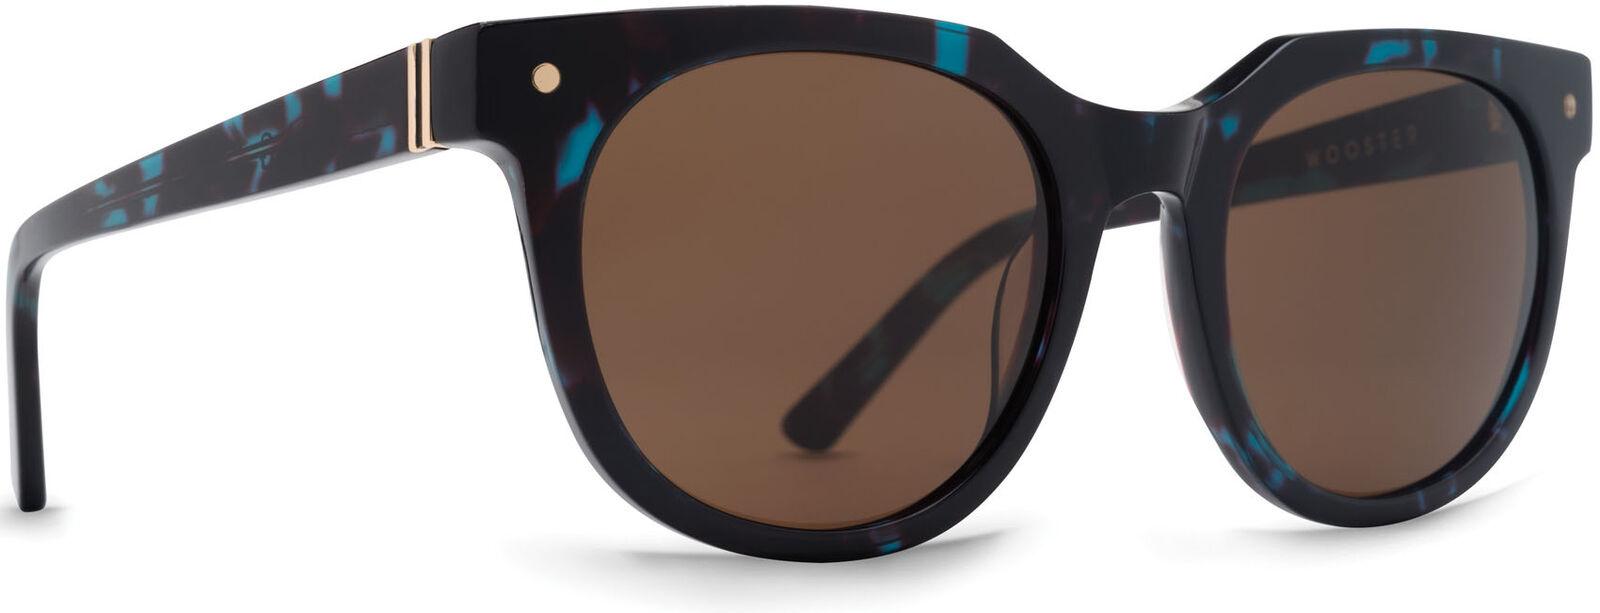 Von Zipper Wooster Brown Lens Sunglasses, Tortoise Satin